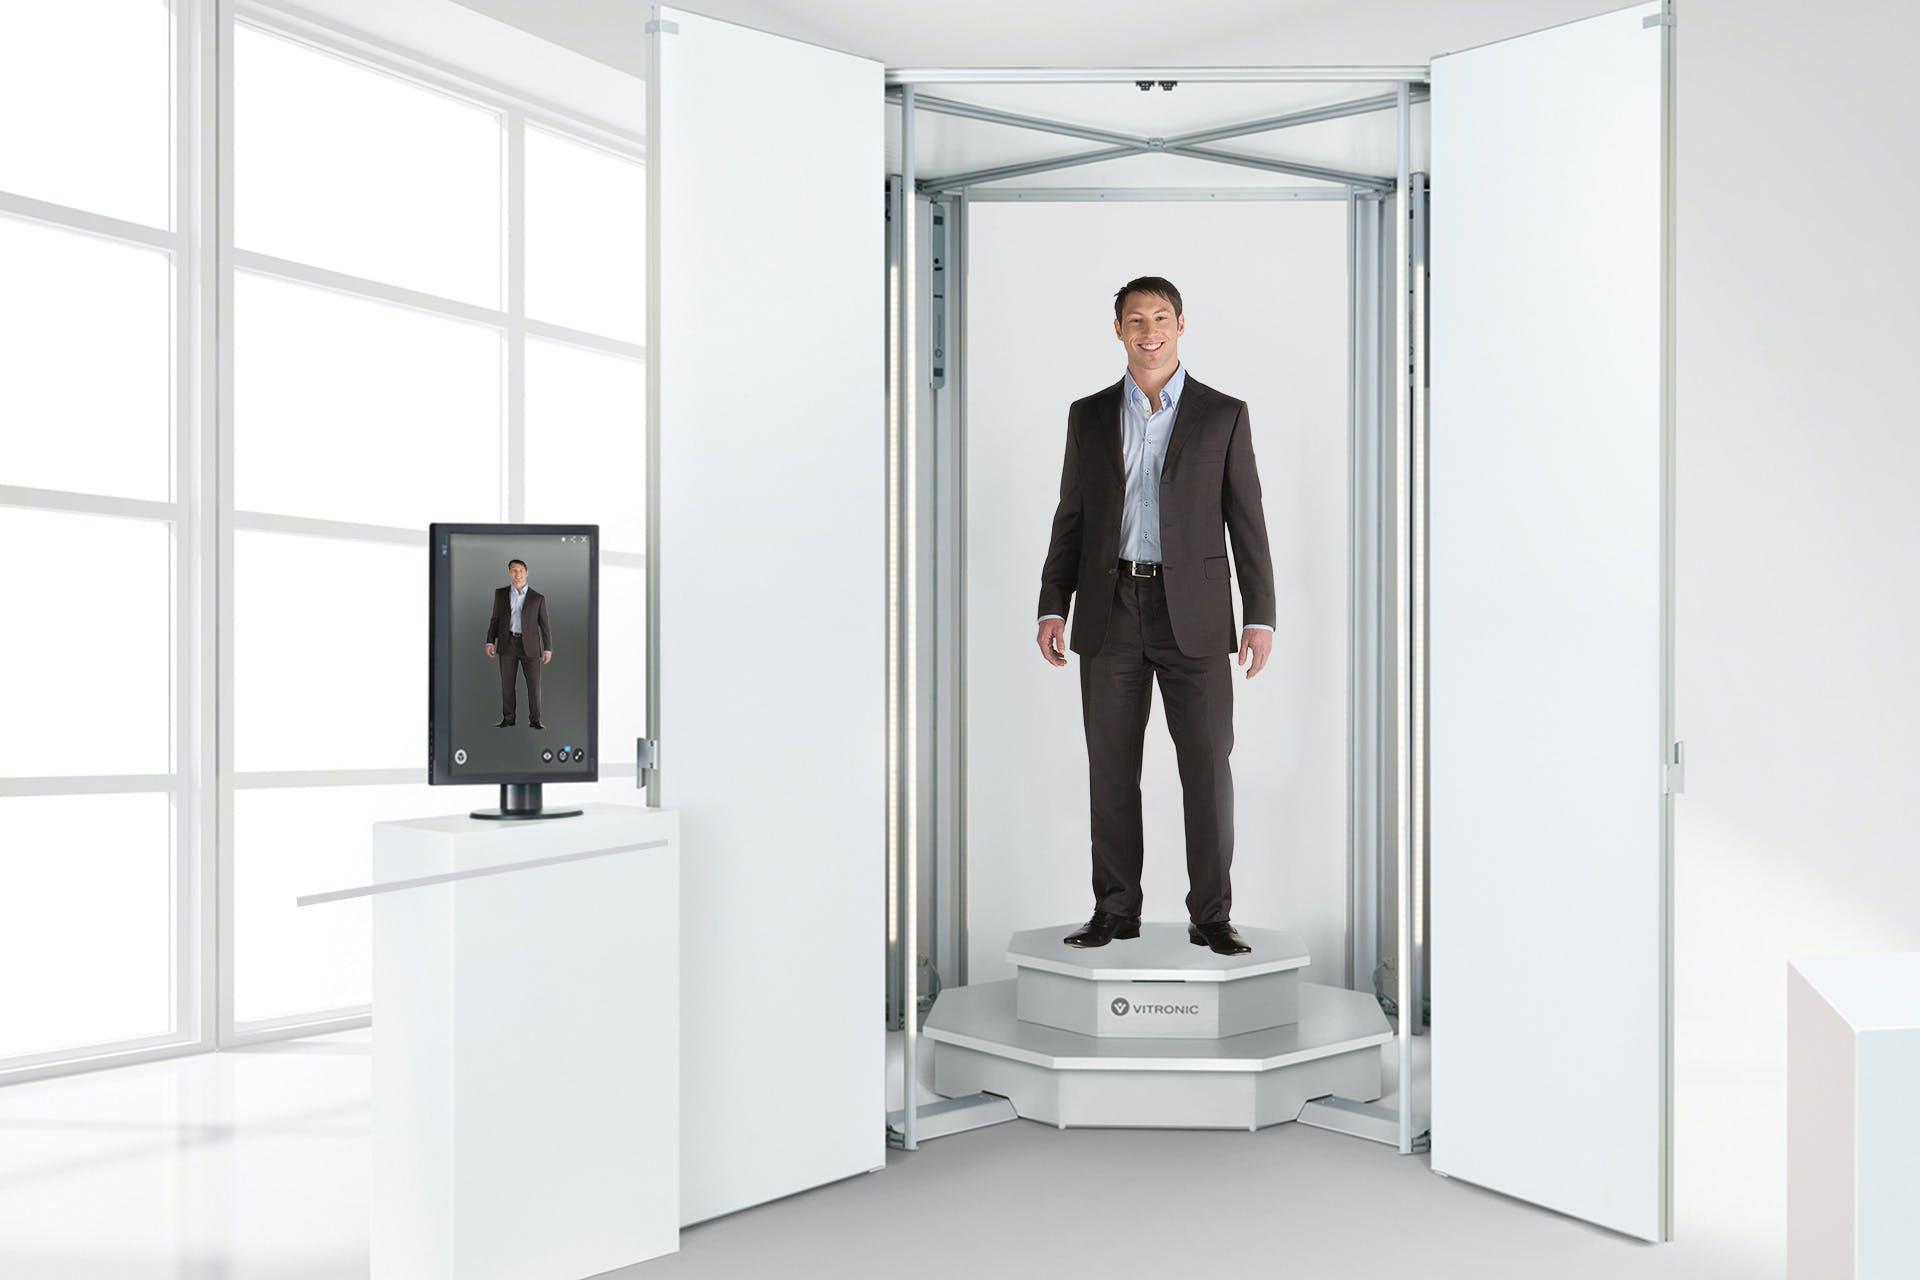 Maßbekleidung wird mit dem Bodyscanner digital hergestellt.